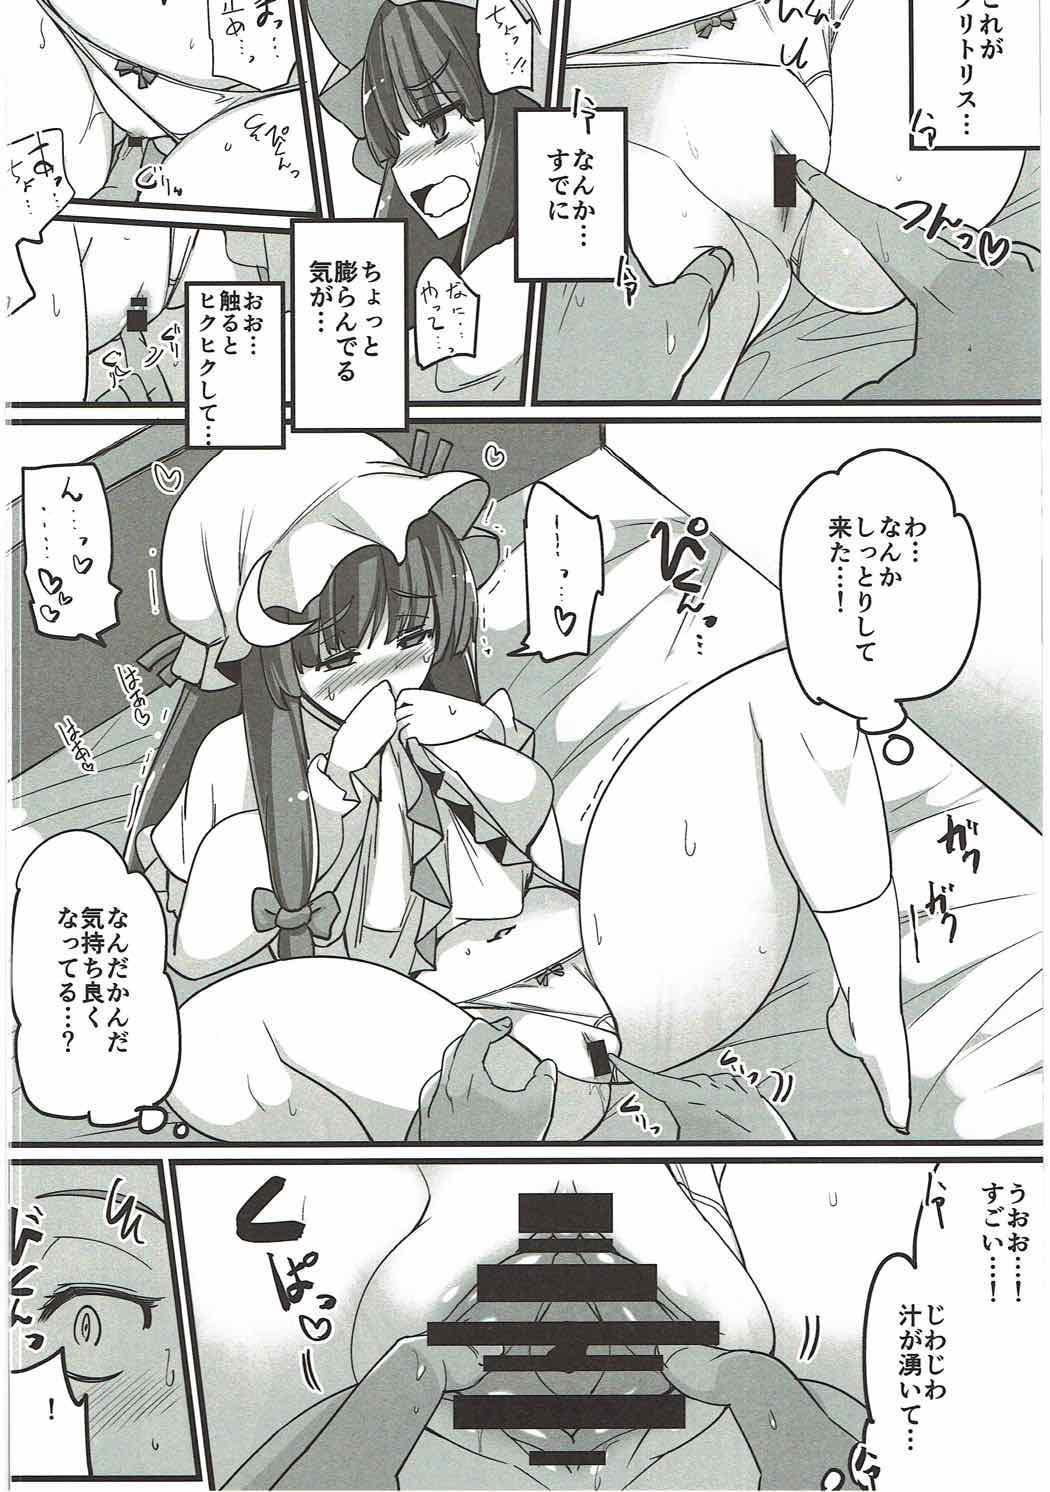 Uwaki Shite Tewi-chan to Sex Shita 70